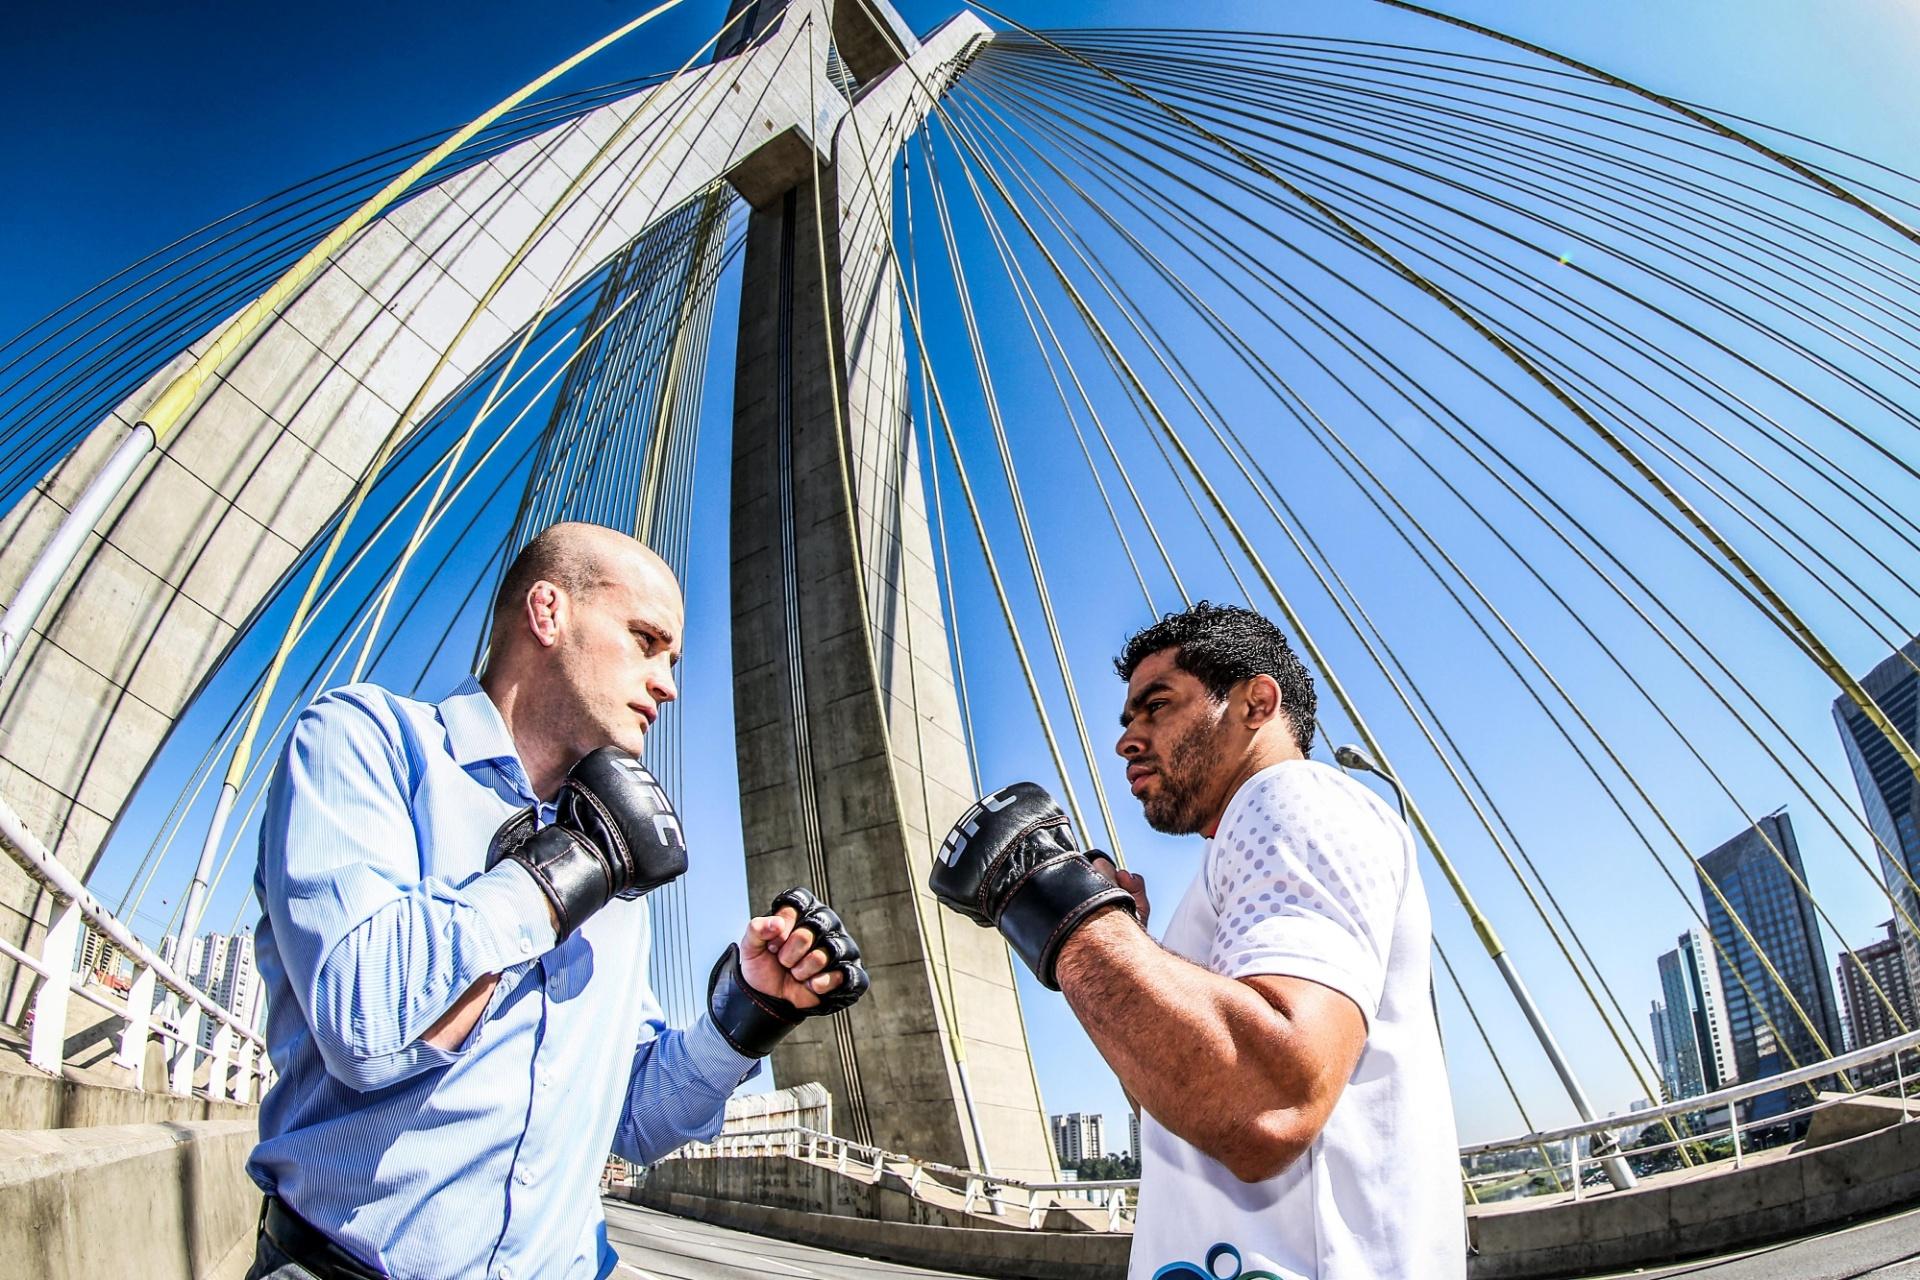 29. out. 2014 - Renan Barão encara Mitch Gagnon na Ponte Estaiada em evento para a divulgação do UFC Barueri 2, em São Paulo